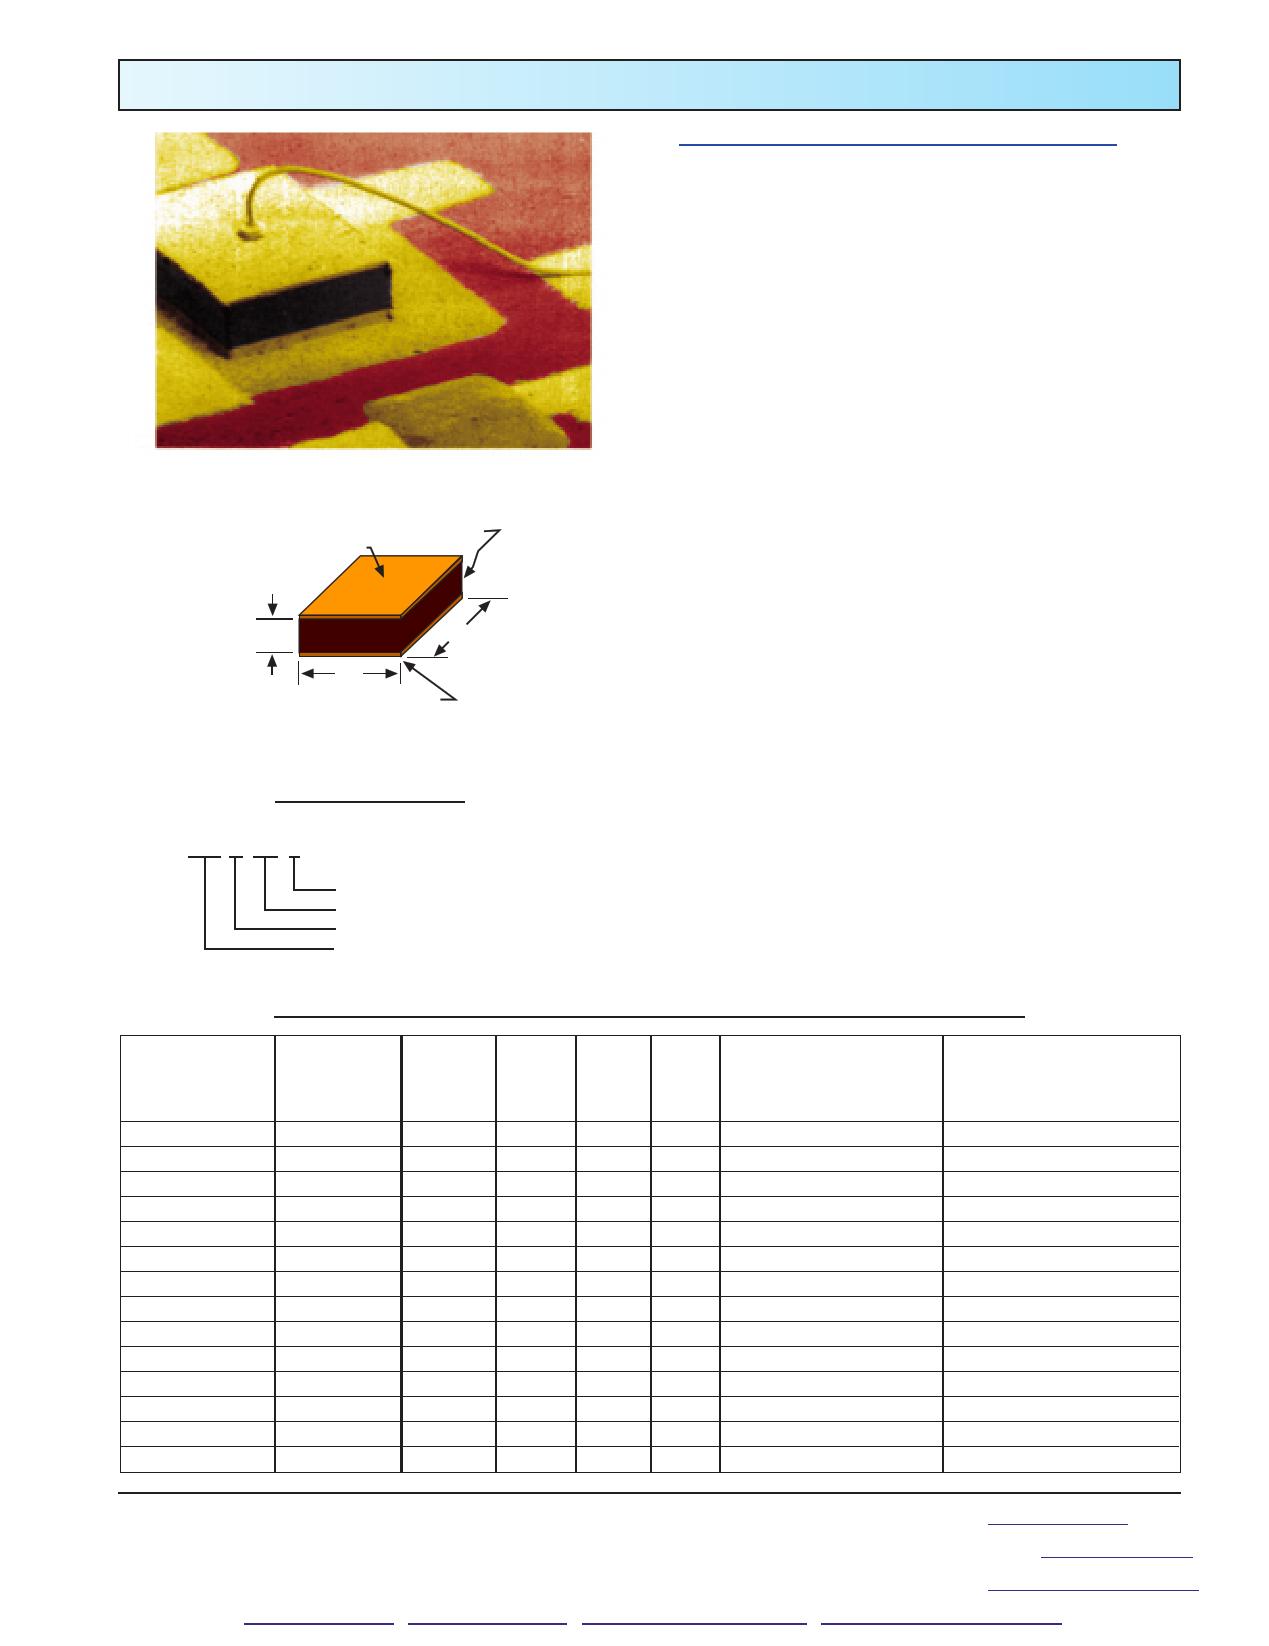 0.1K1CG2 datasheet